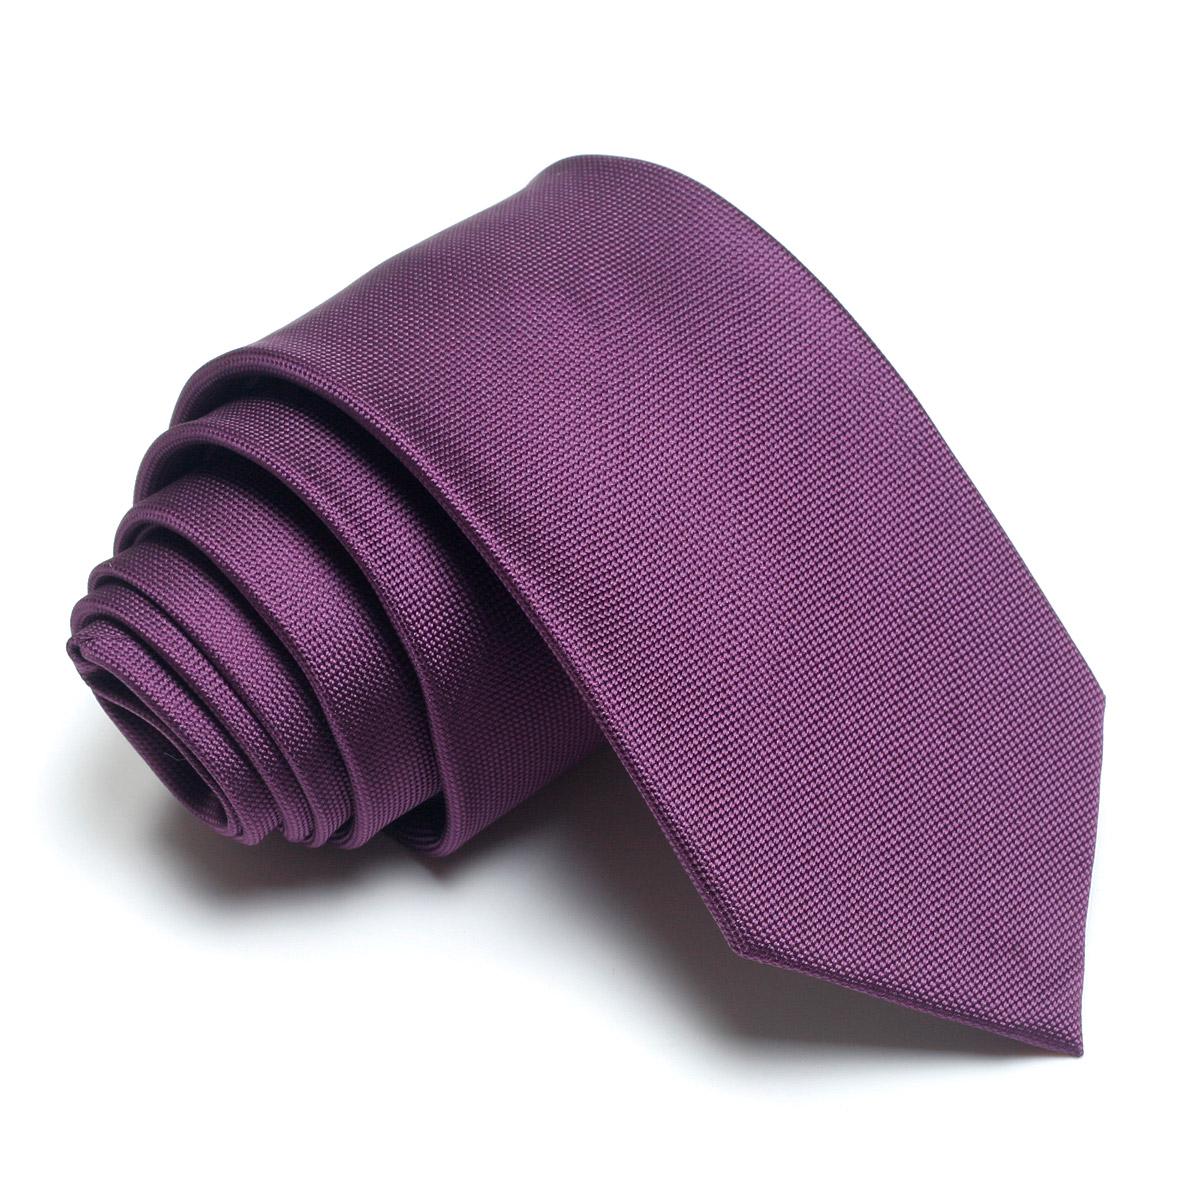 Цвет: Тихо фиолетовый